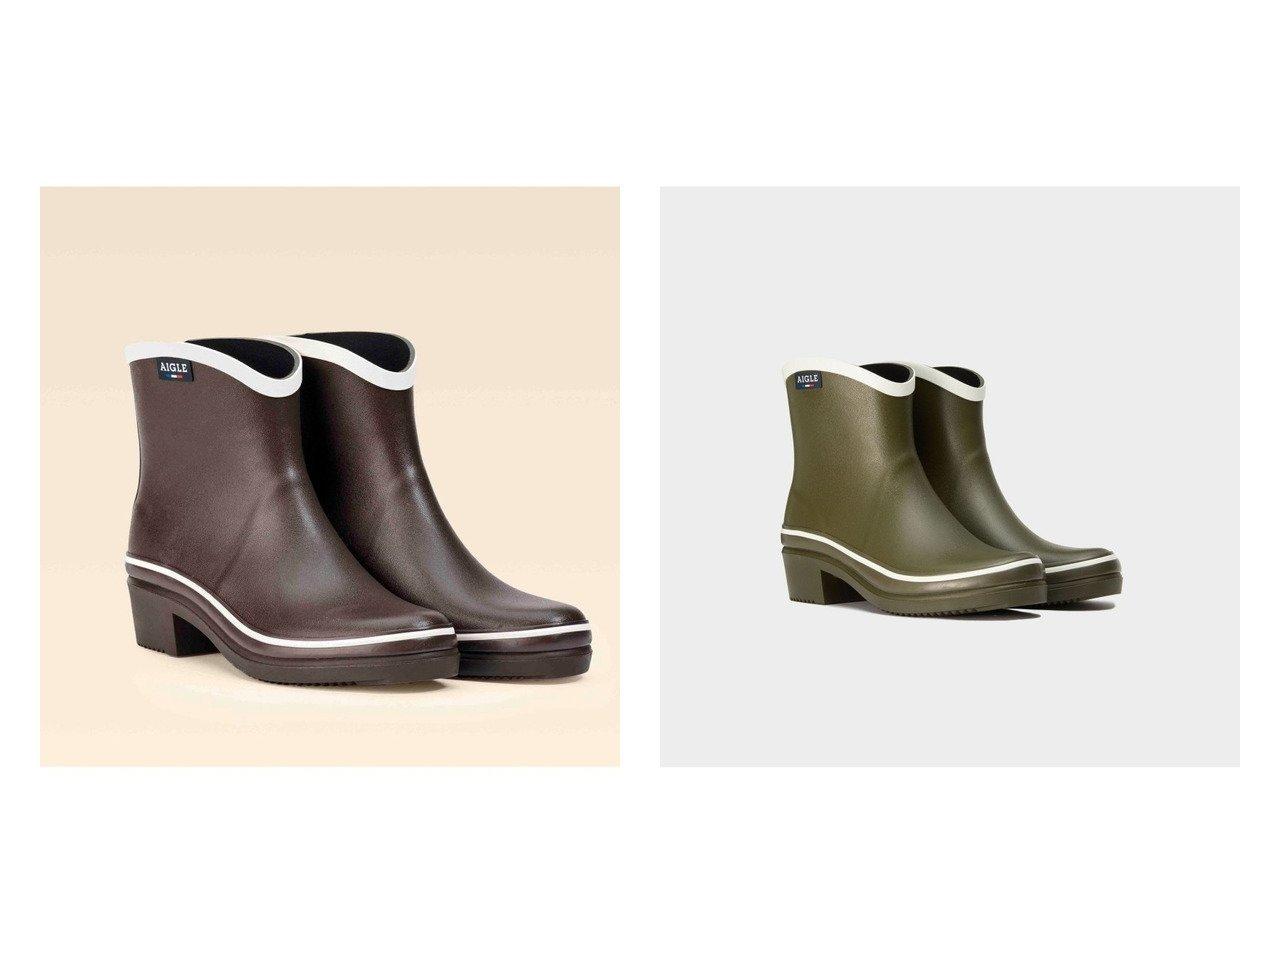 【AIGLE/エーグル】のミスジュリエットボッティロンポップラバーブーツ 【シューズ・靴】おすすめ!人気トレンド・レディースファッション通販 おすすめで人気の流行・トレンド、ファッションの通販商品 インテリア・家具・メンズファッション・キッズファッション・レディースファッション・服の通販 founy(ファニー) https://founy.com/ ファッション Fashion レディースファッション WOMEN アンクル エレガント シューズ ショート 人気 定番 Standard |ID:crp329100000046875